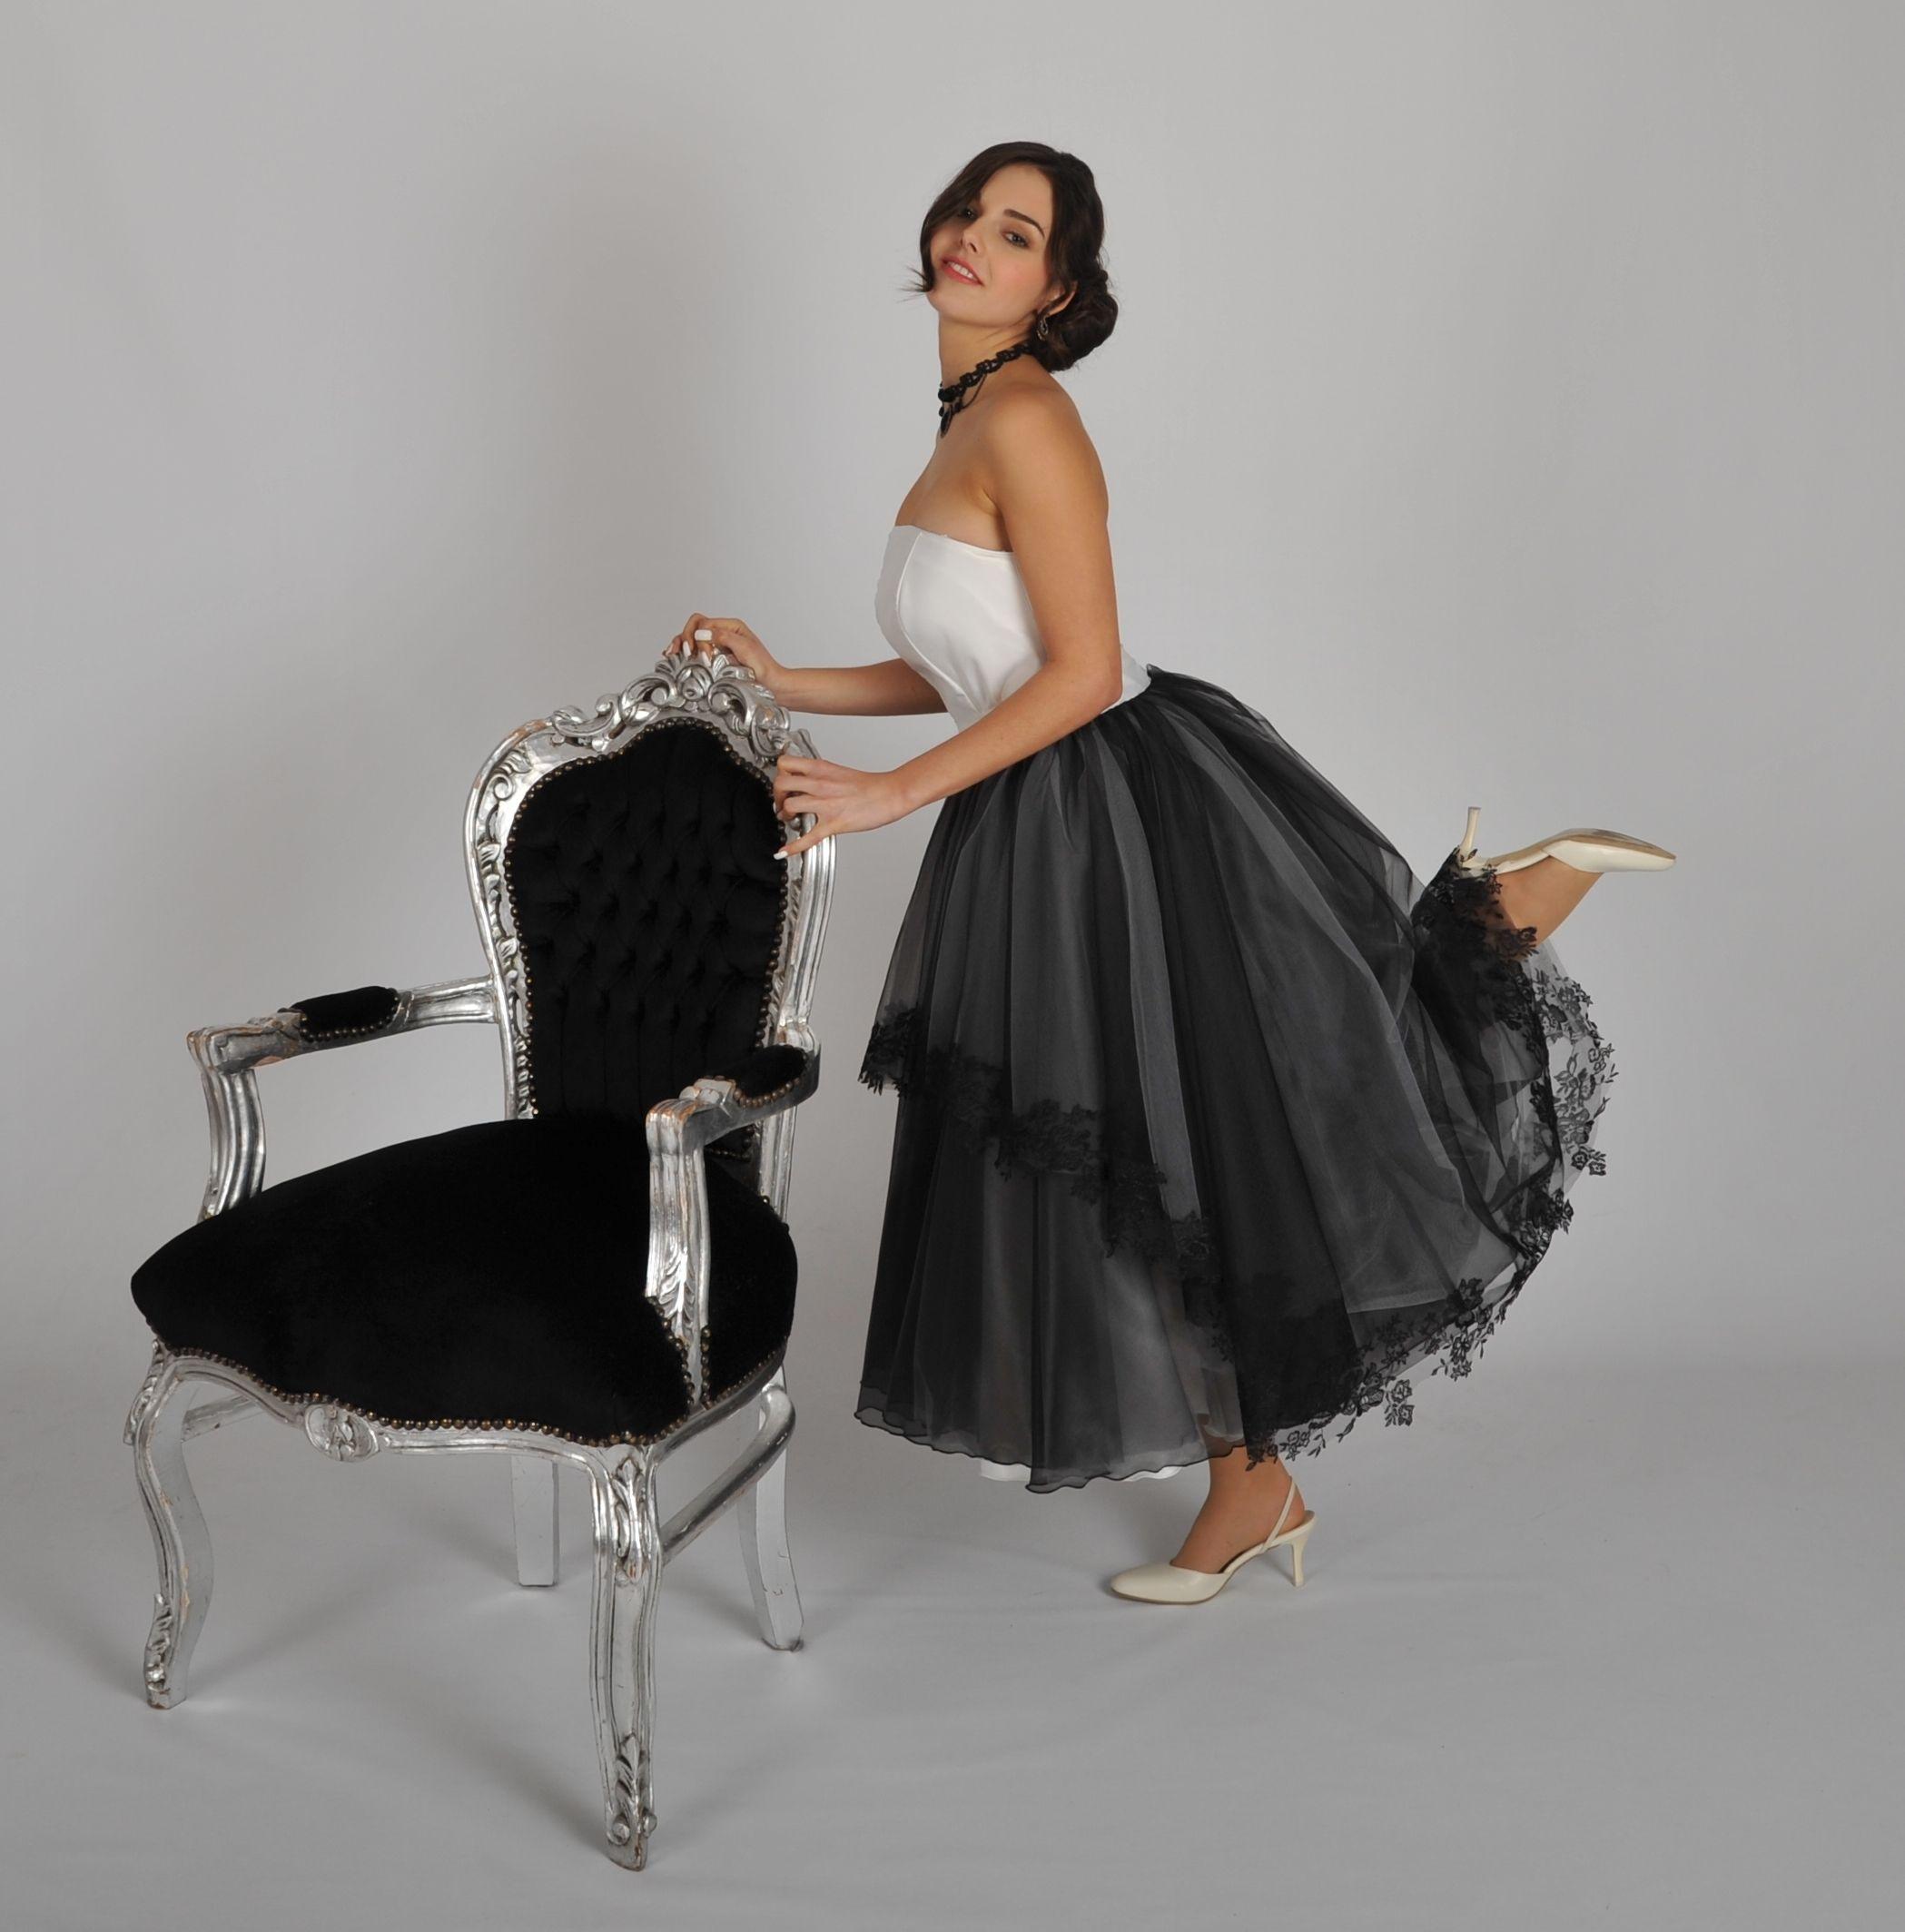 Einzigartiges Brautkleid schwarz weiss von AngiVani Couture München ...